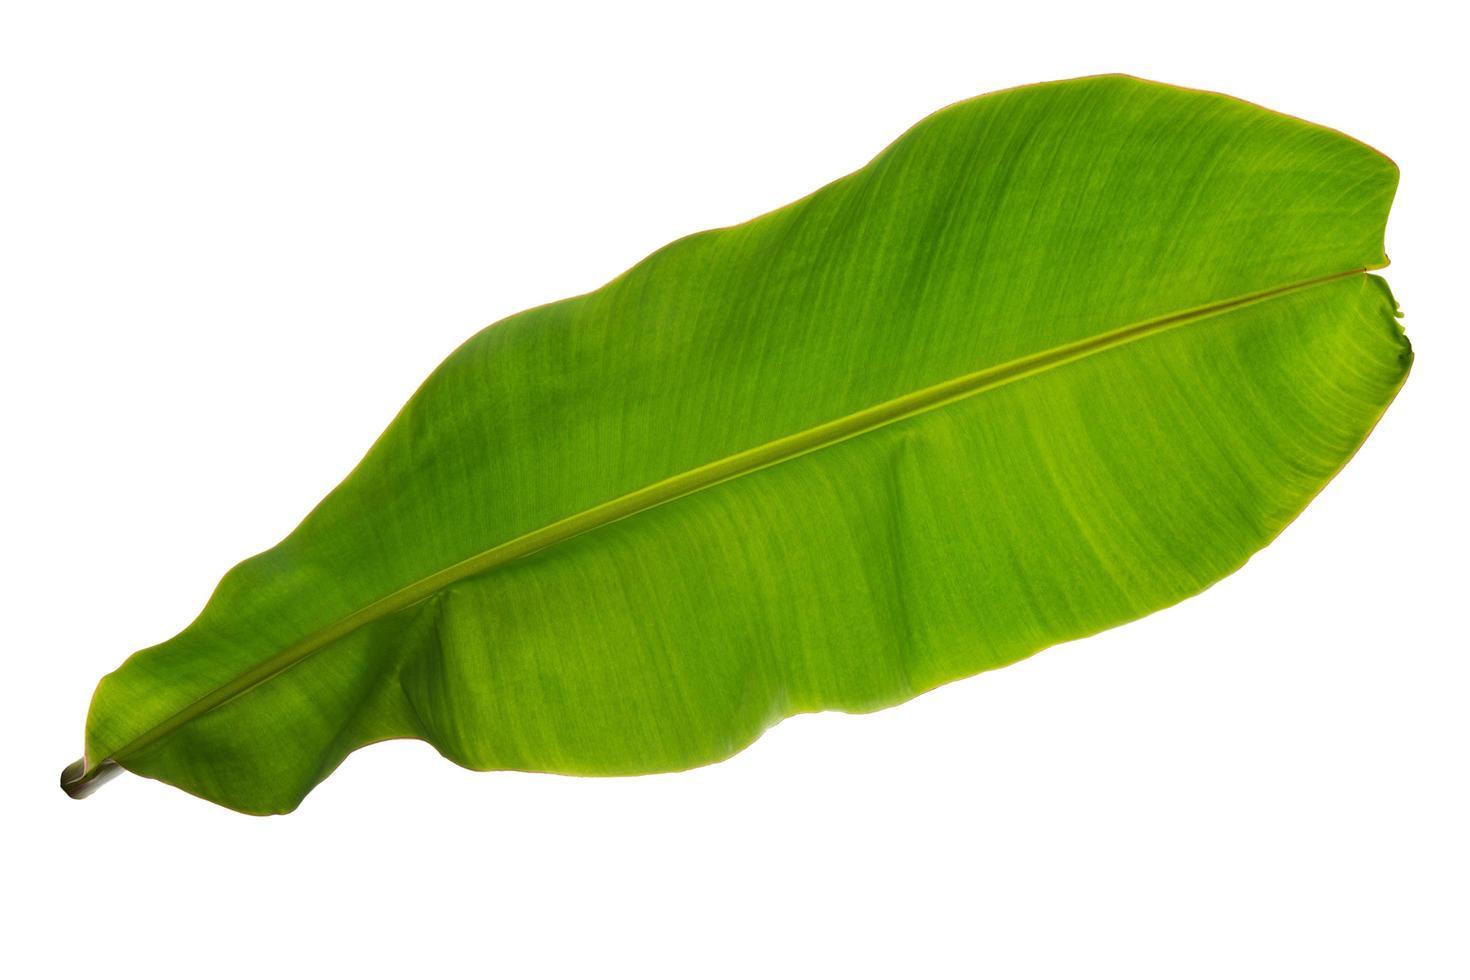 feuille verte tropicale sur blanc photo